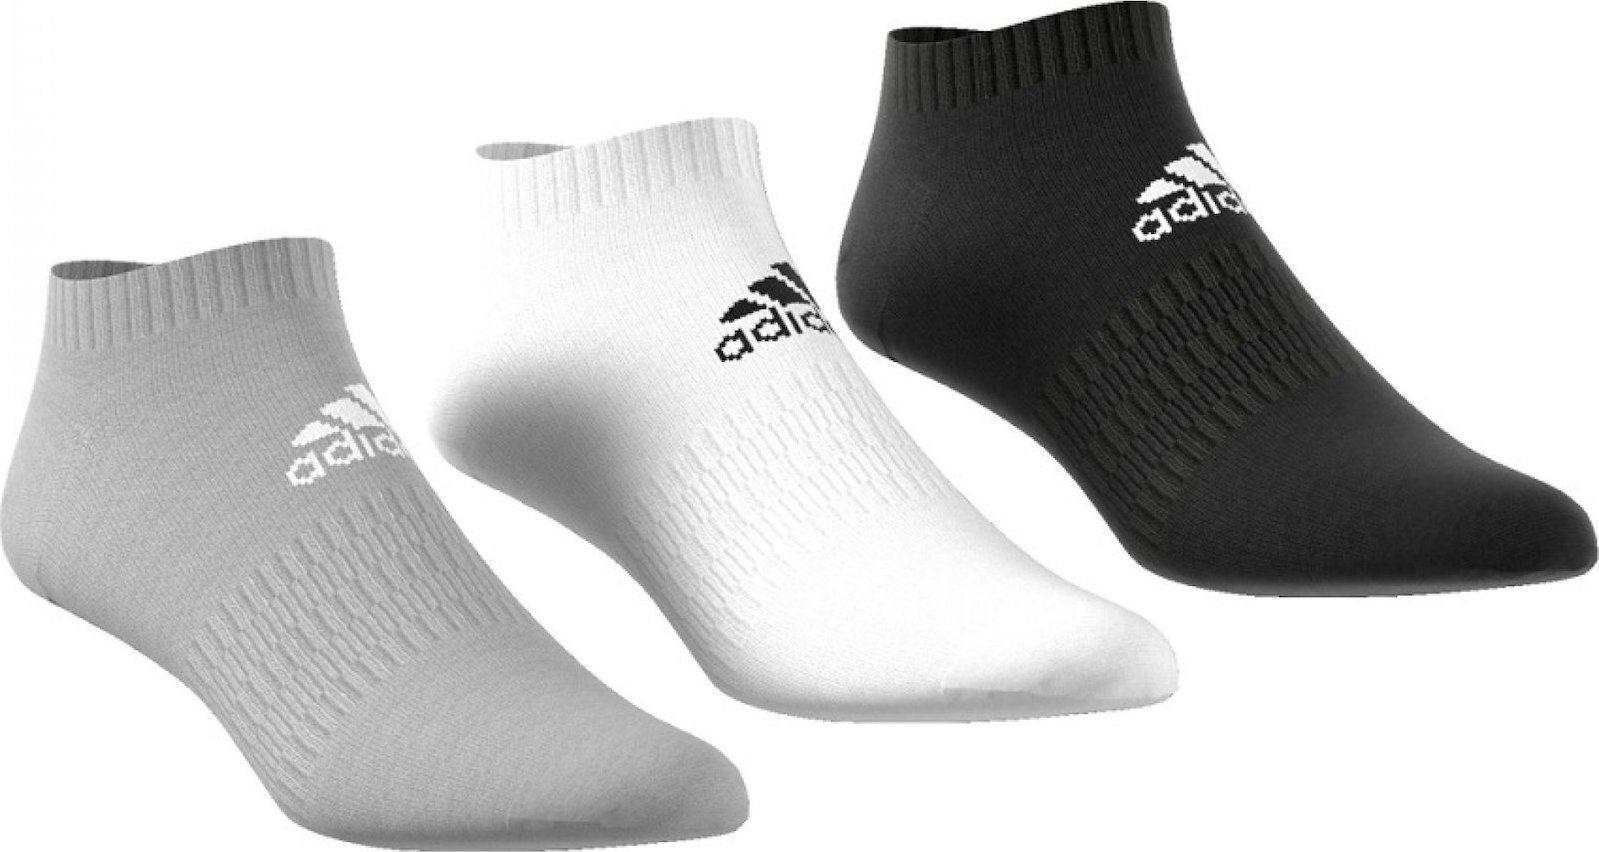 Ponožky Adidas DZ9383